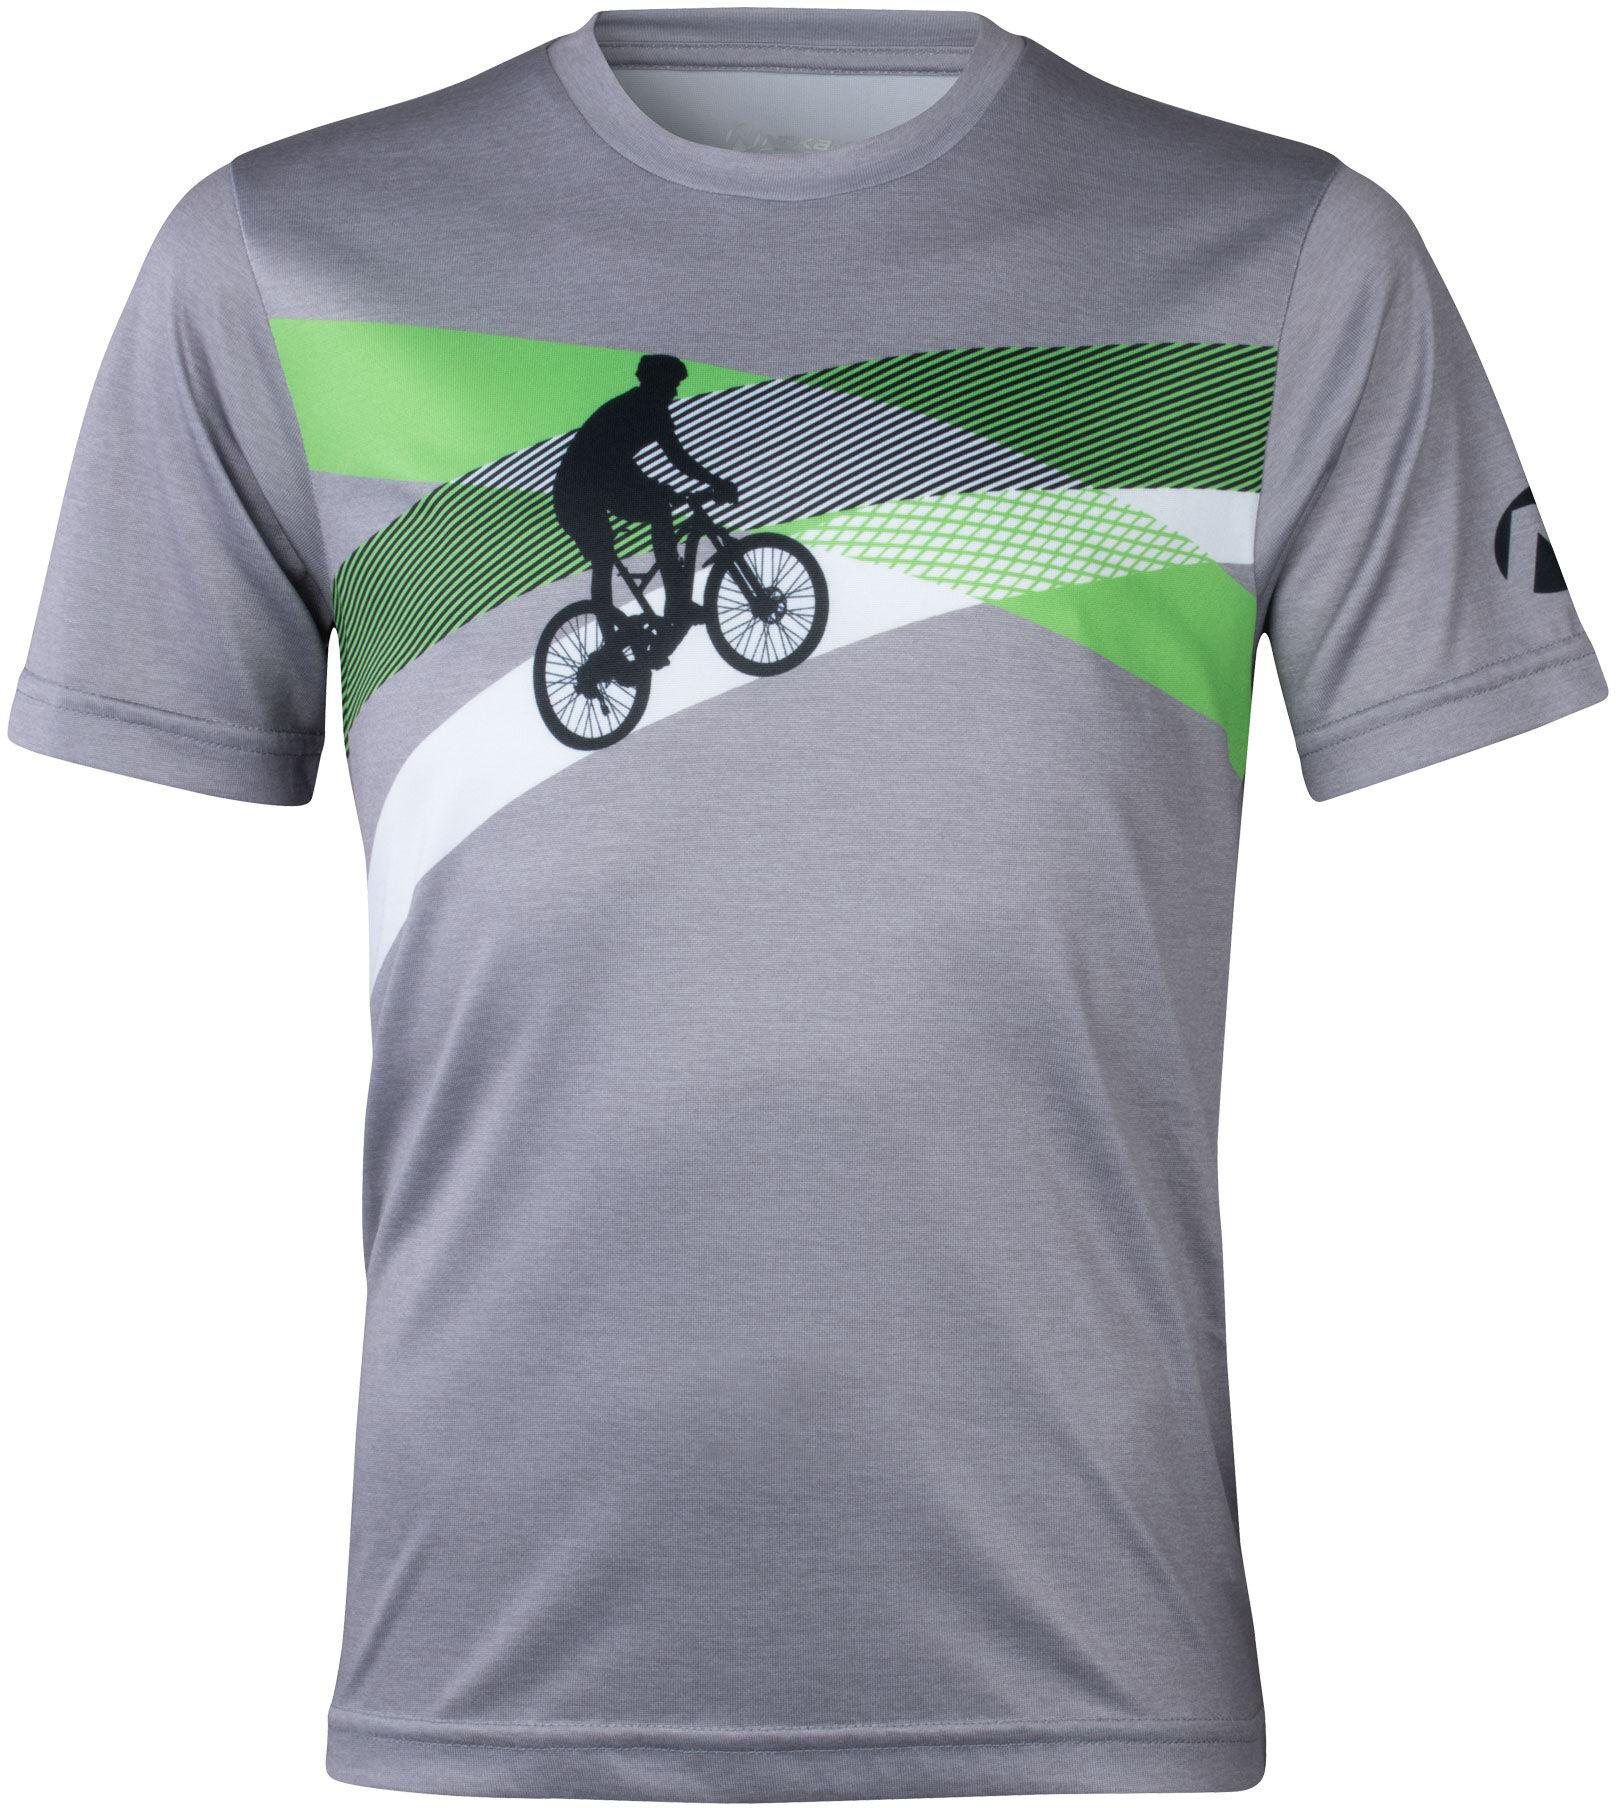 Nakamura Damen-Radsport-Bike-Fahrrad-Trikot Depressa schwarz-grau 4035556 001